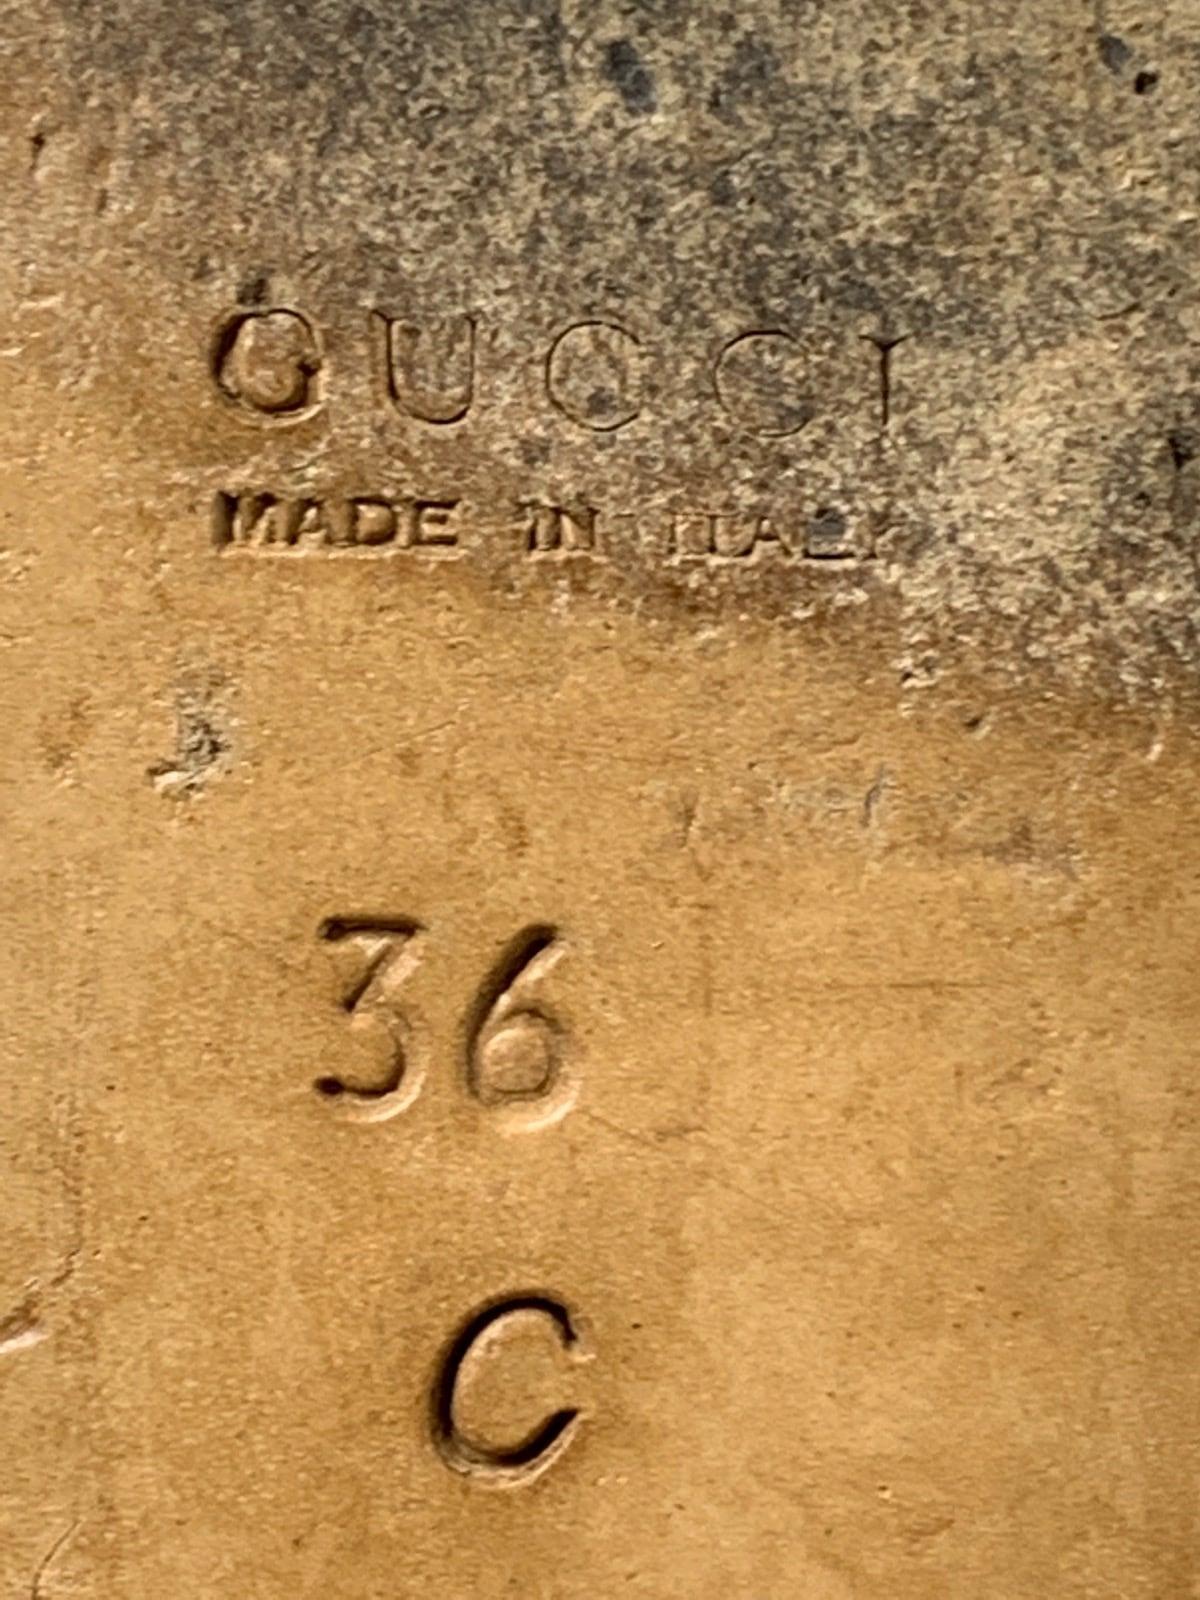 18e6ce4c3de3 GUCCI(グッチ) ローファー レディース ホースビット 黒 レザー(12870999 ...